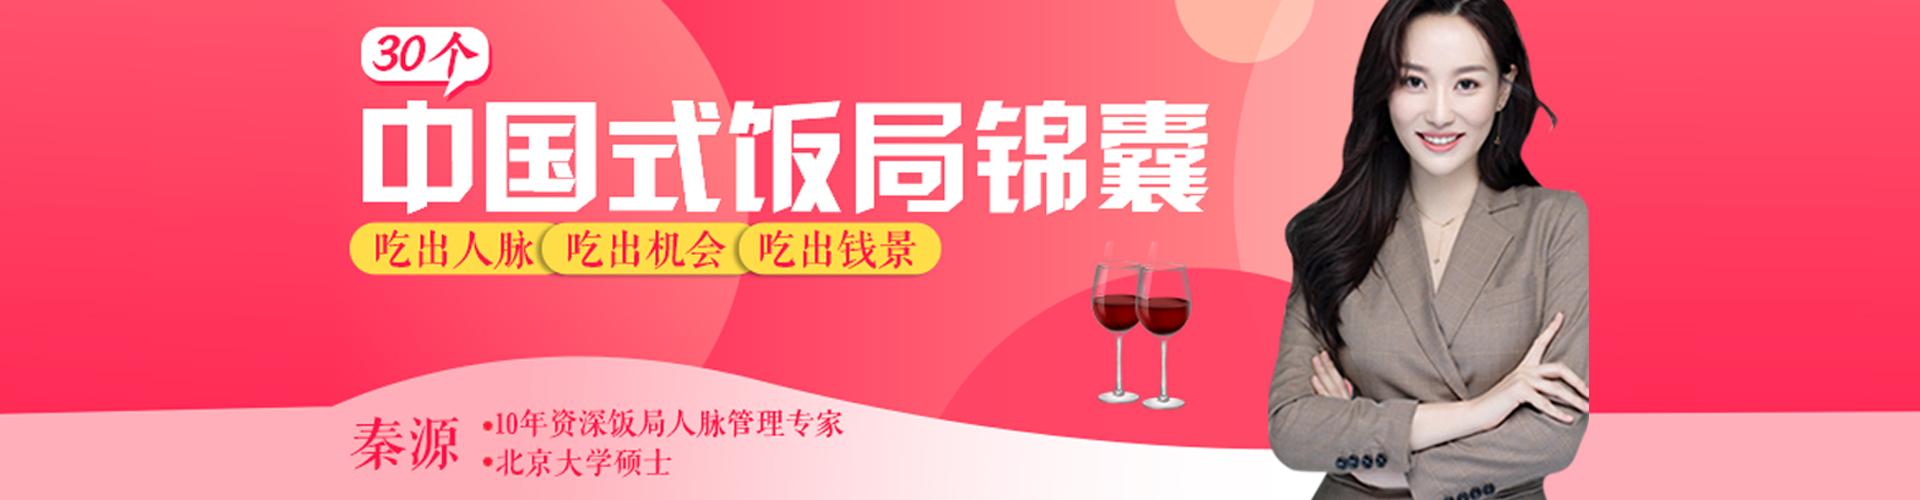 30个中国式饭局锦囊:让你轻松吃出好人脉、吃出好机会、吃出好钱景!